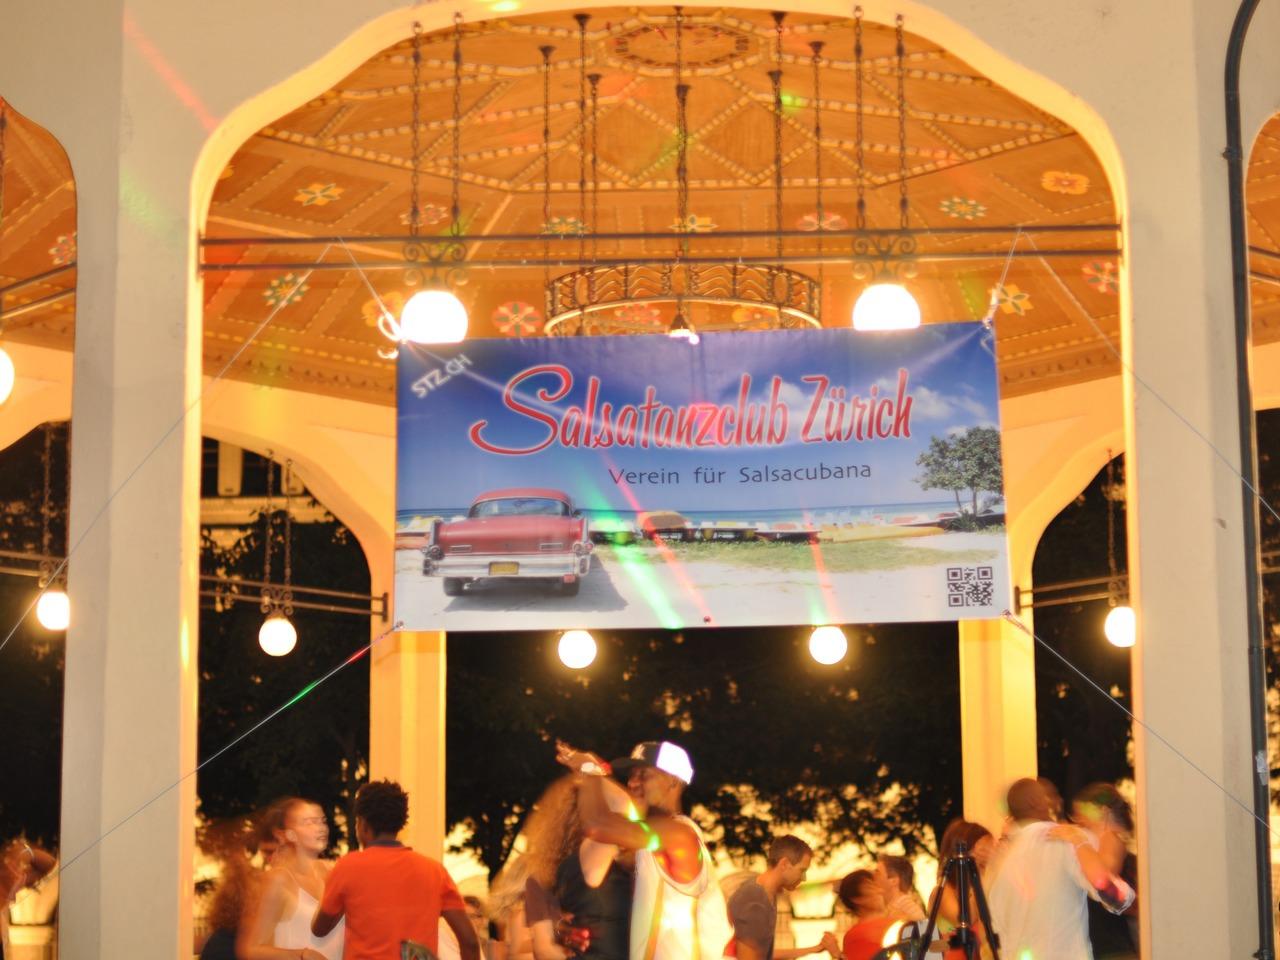 Salsa Openair am Bürkliplatz